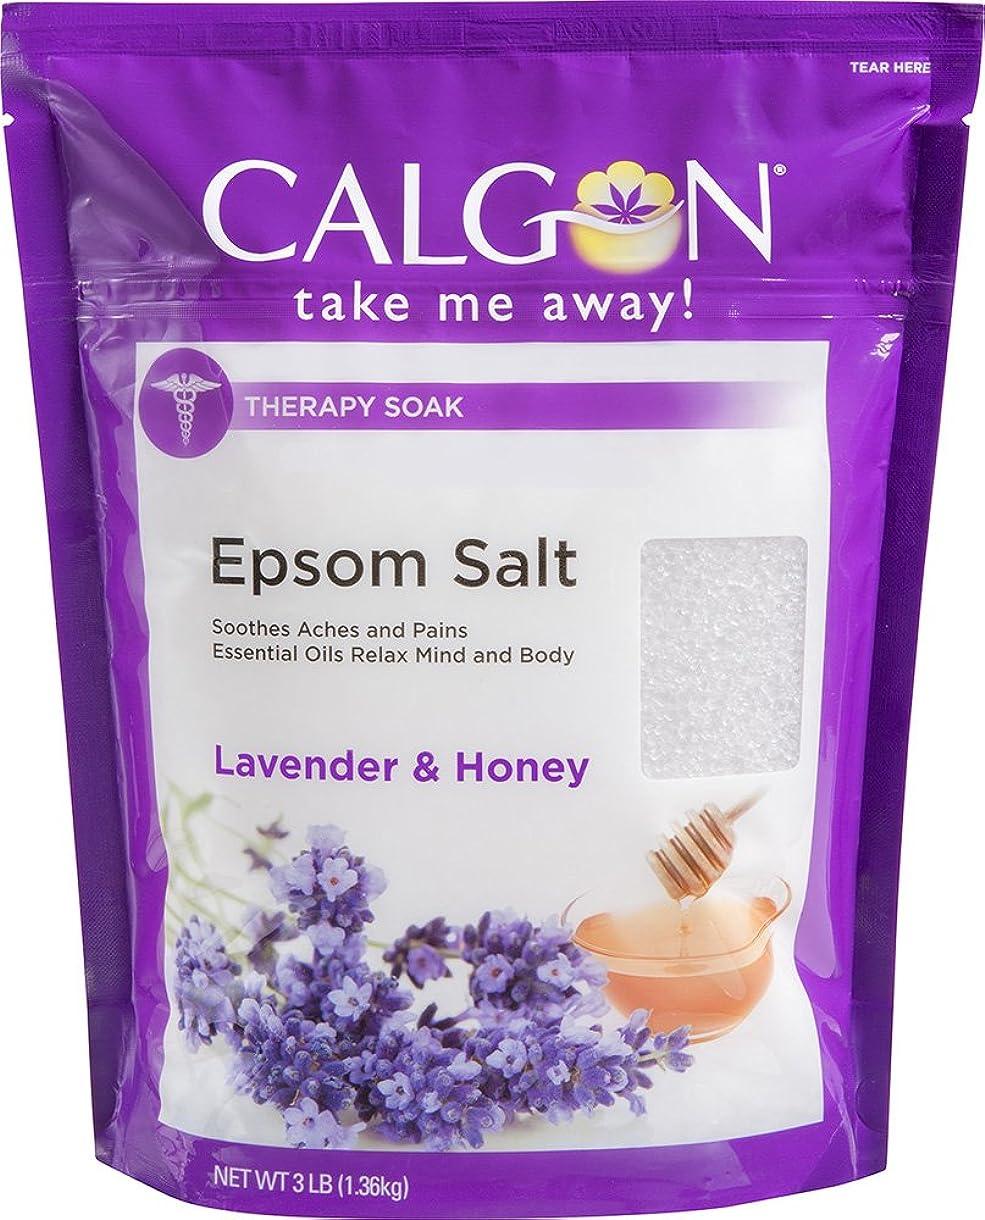 苦バナナ葉っぱCalgon リジュエプソム塩(ラベンダーと蜂蜜、48オンス)